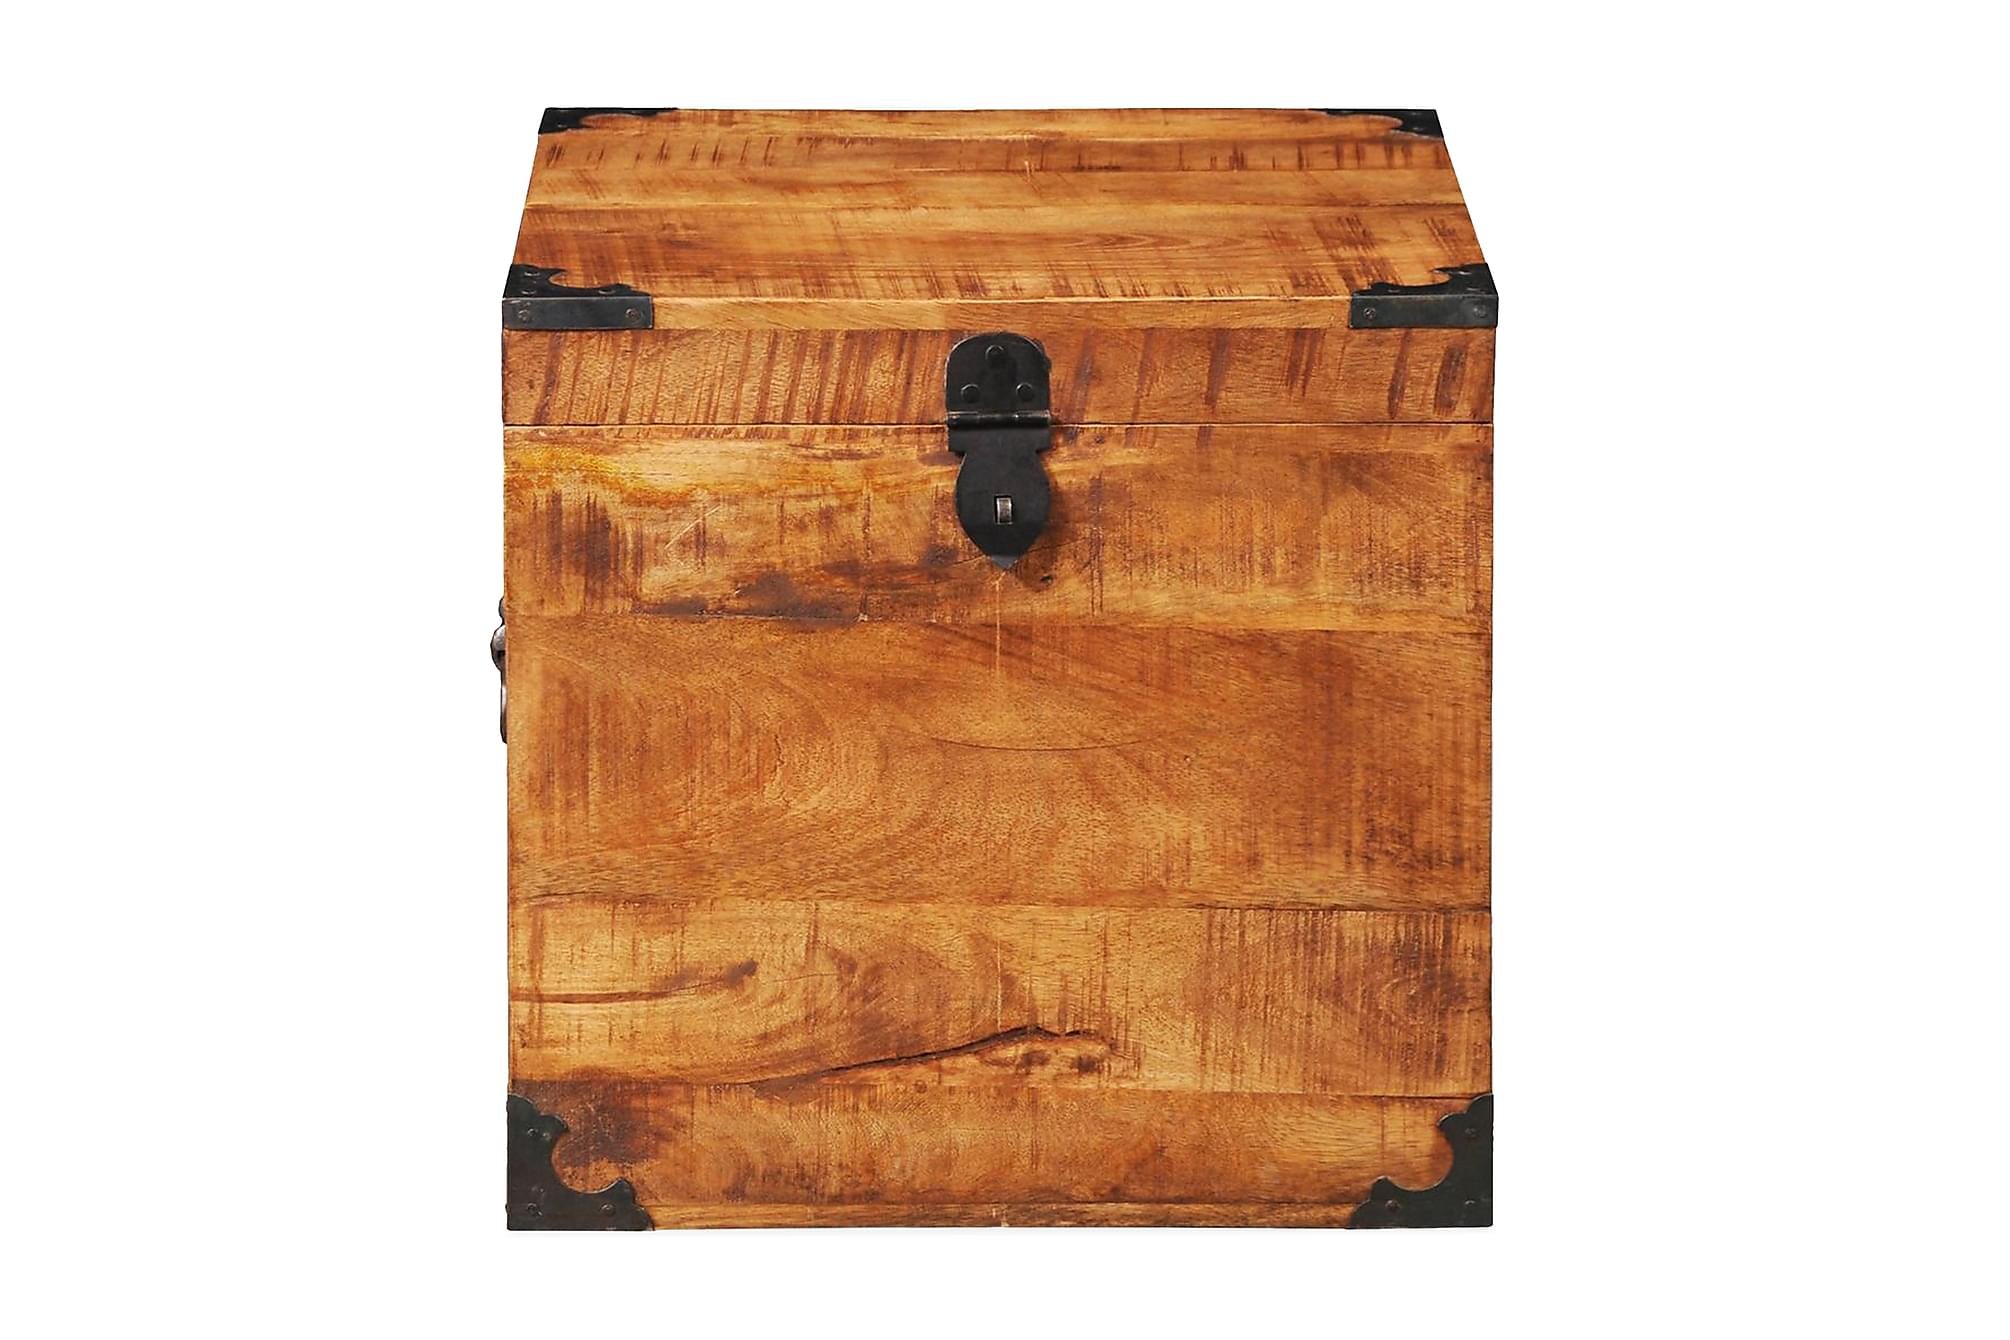 Förvaringskista kubisk robust mangoträ, Förvaringskistor & sängkistor